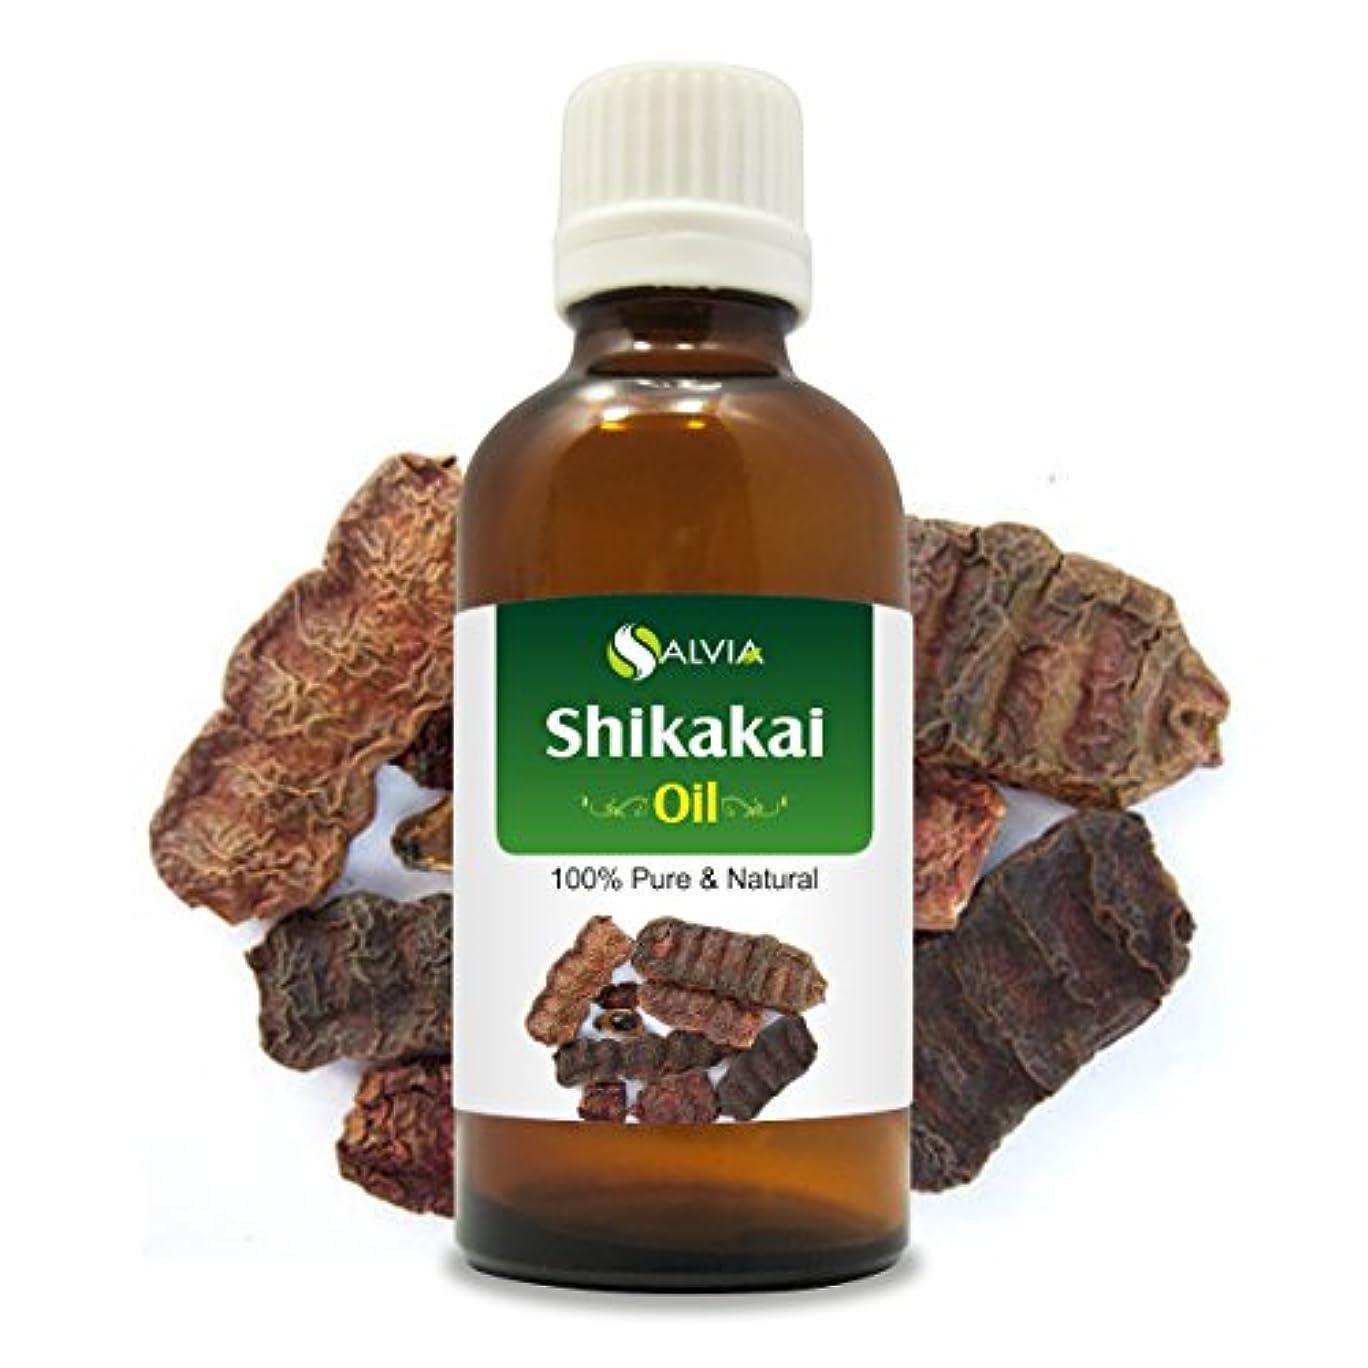 爆発する事業内容ライオネルグリーンストリートSHIKAKAI OIL 100% NATURAL PURE UNDILUTED UNCUT OIL 30ML